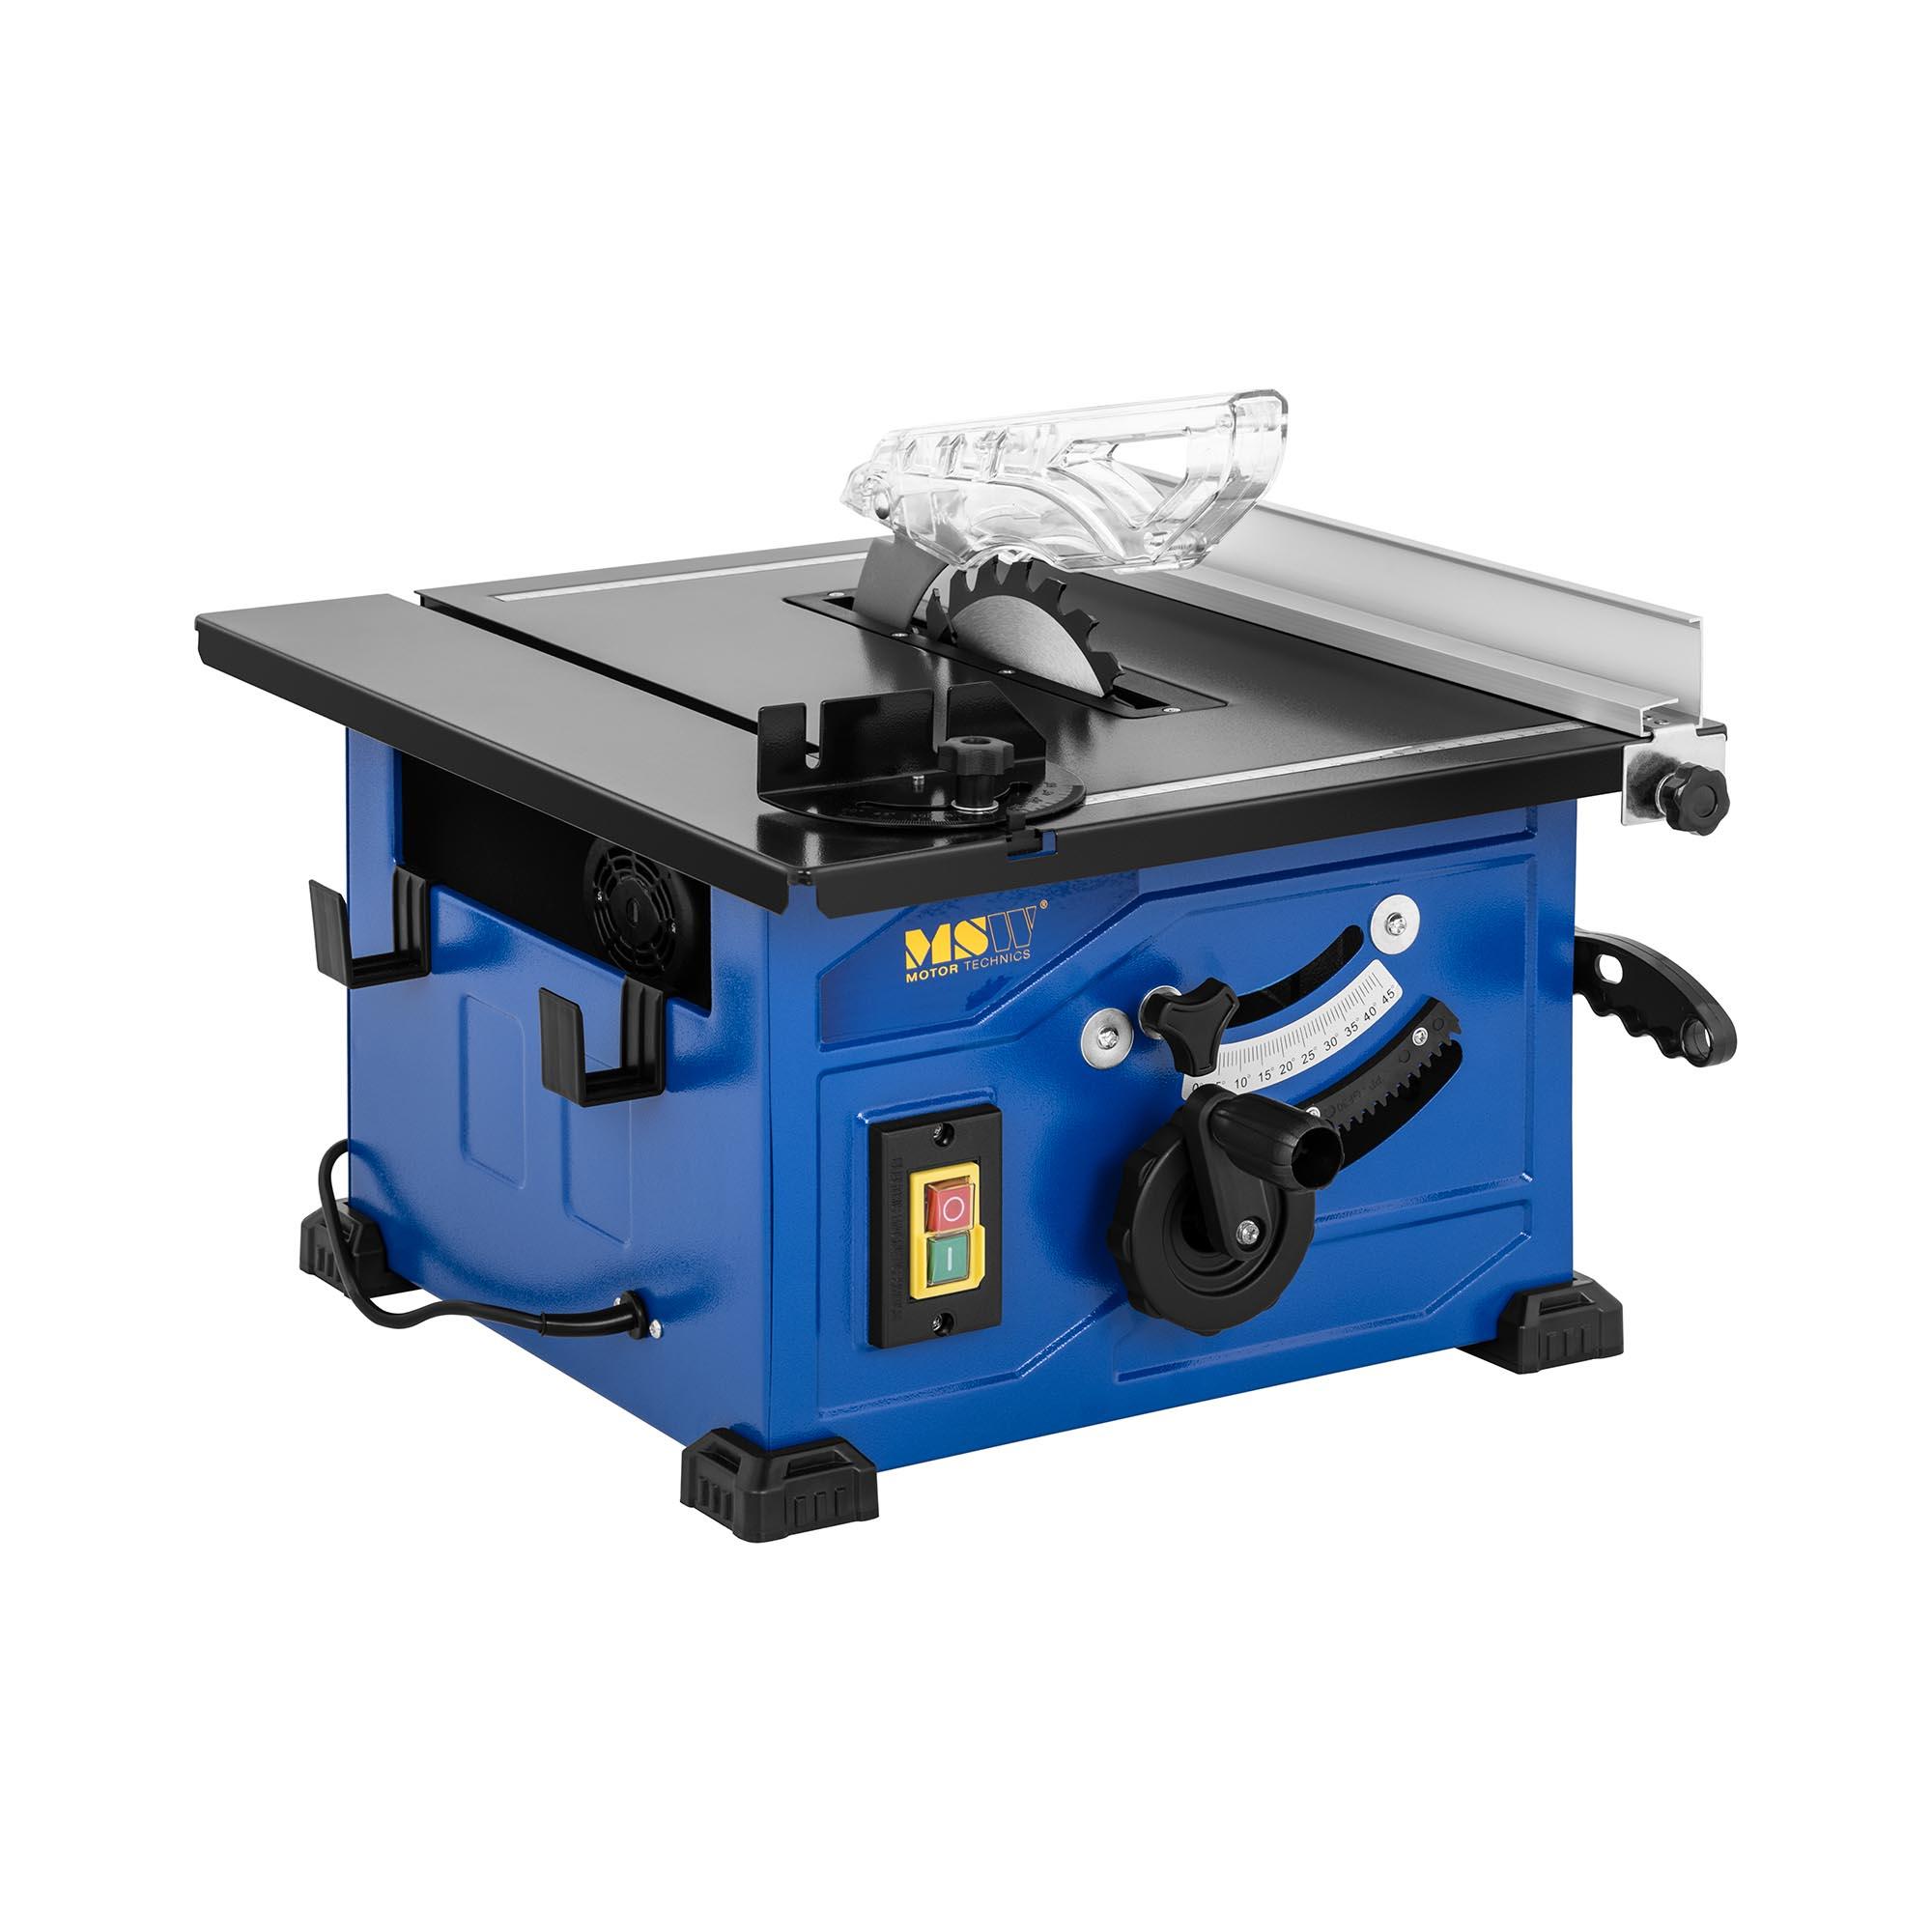 MSW Tischkreissäge - 900 W - 4.800 U/min 10061193